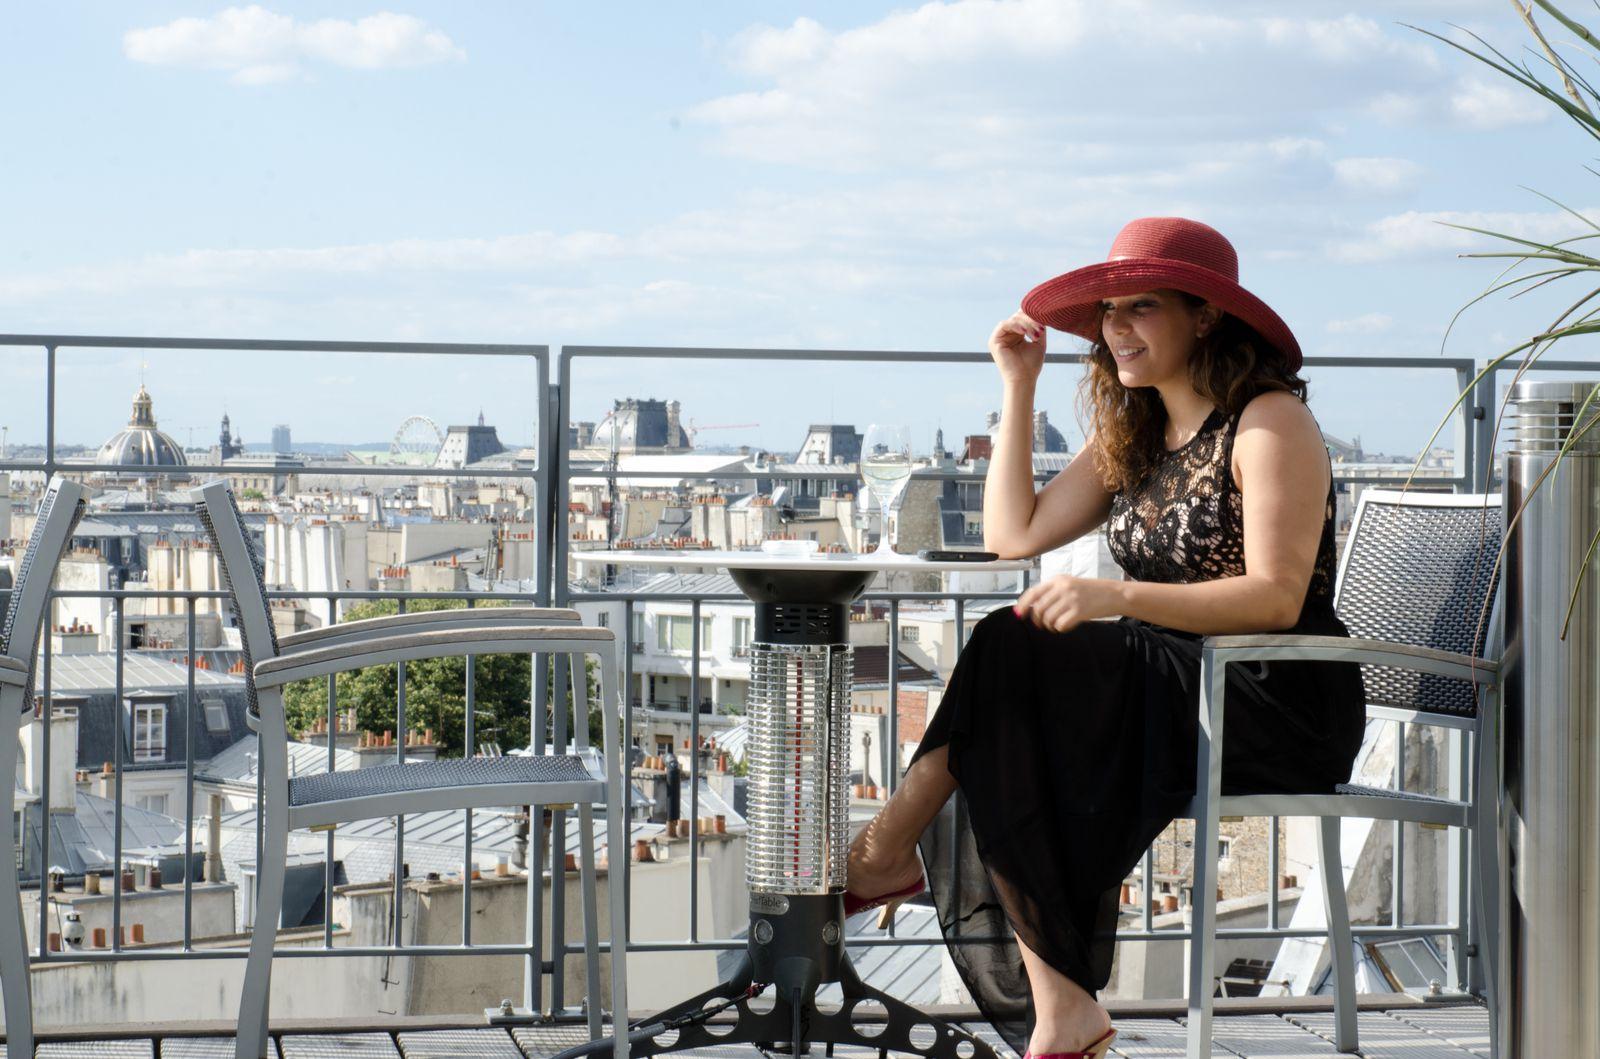 CONFIDENCES PARISIENNES SOUS HAUTE SURVEILLANCE